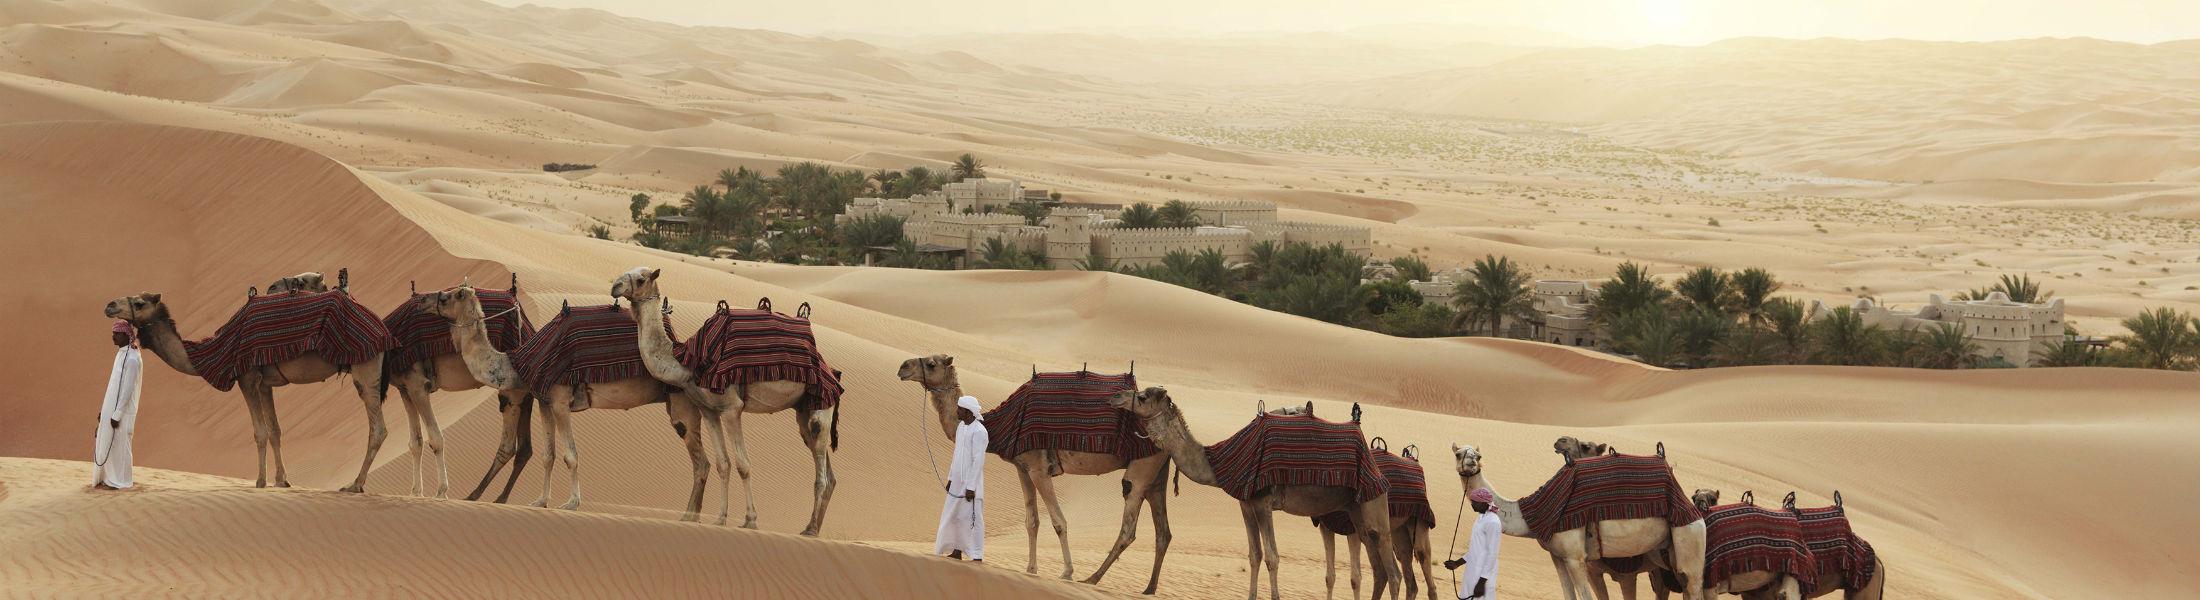 Camels Qasr Al Sarab Desert Resort